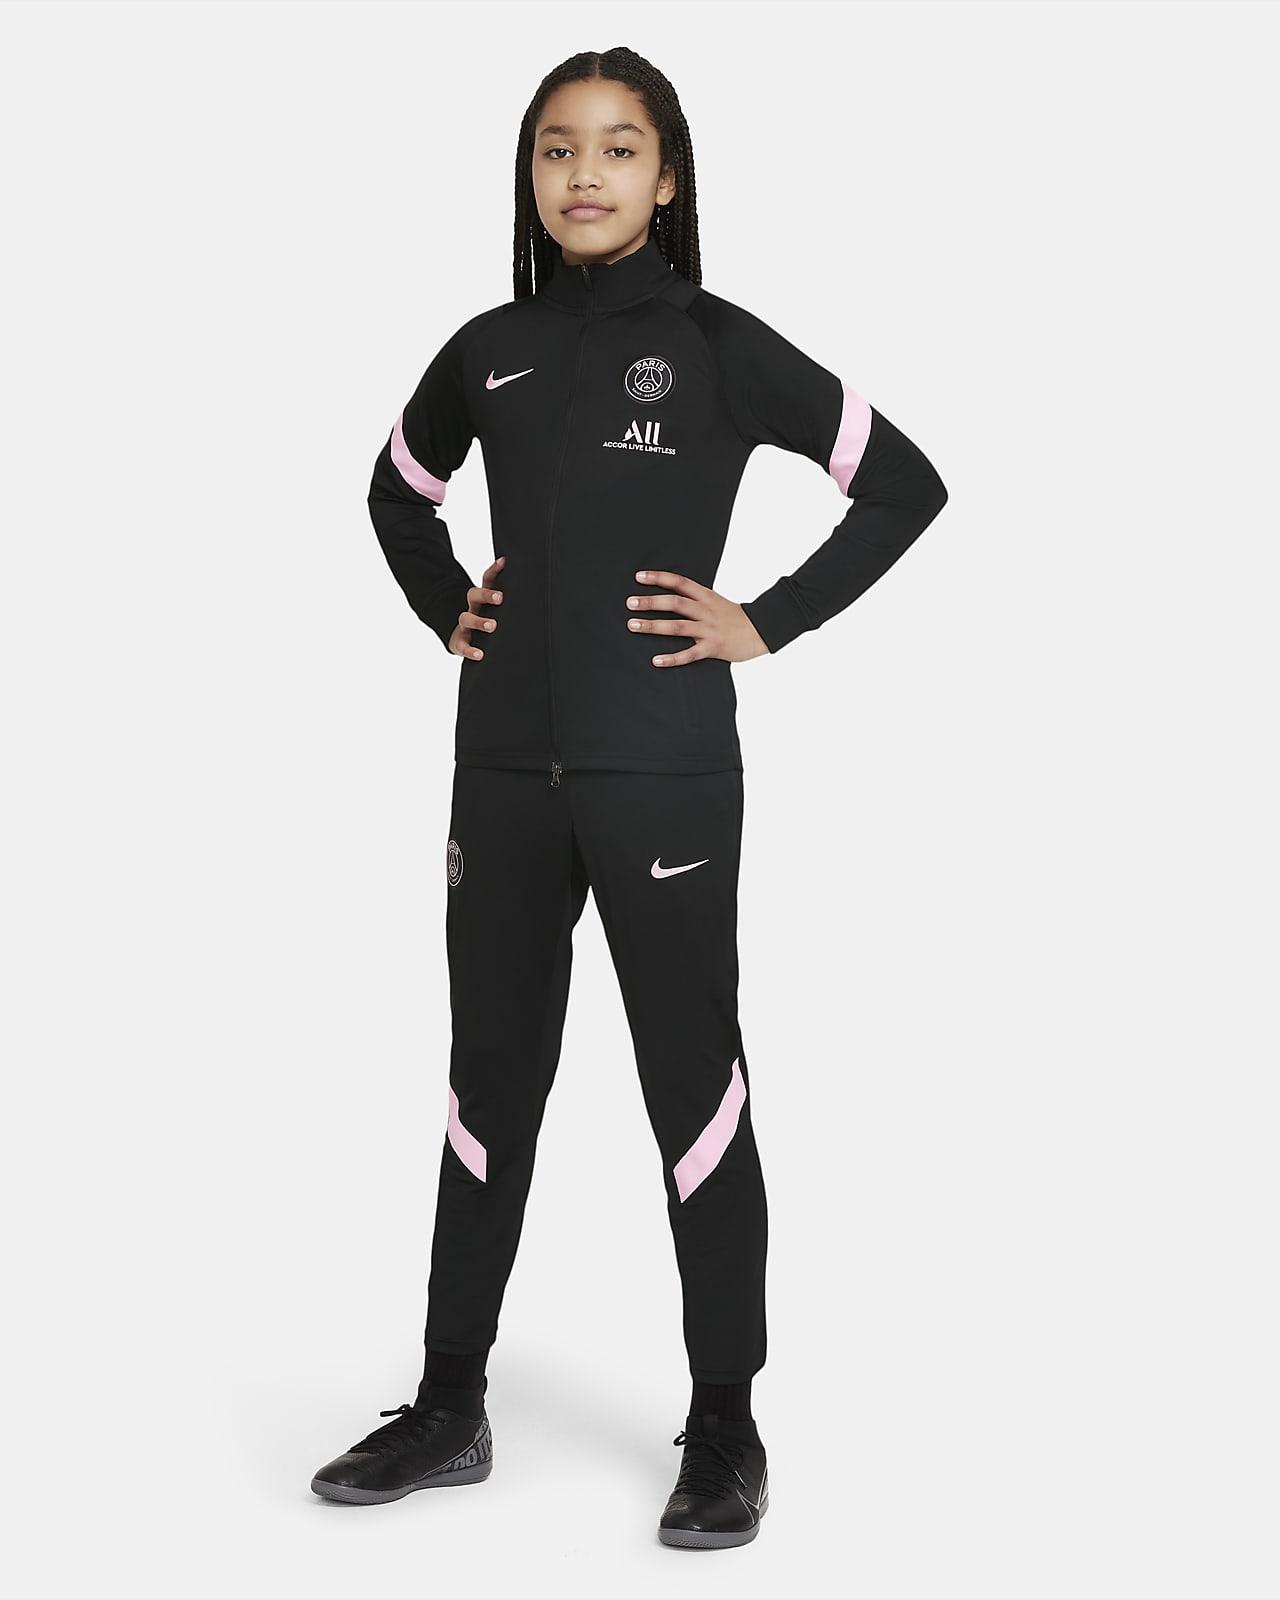 Fato de treino de futebol Nike Dri-FIT do equipamento alternativo Strike Paris Saint-Germain Júnior